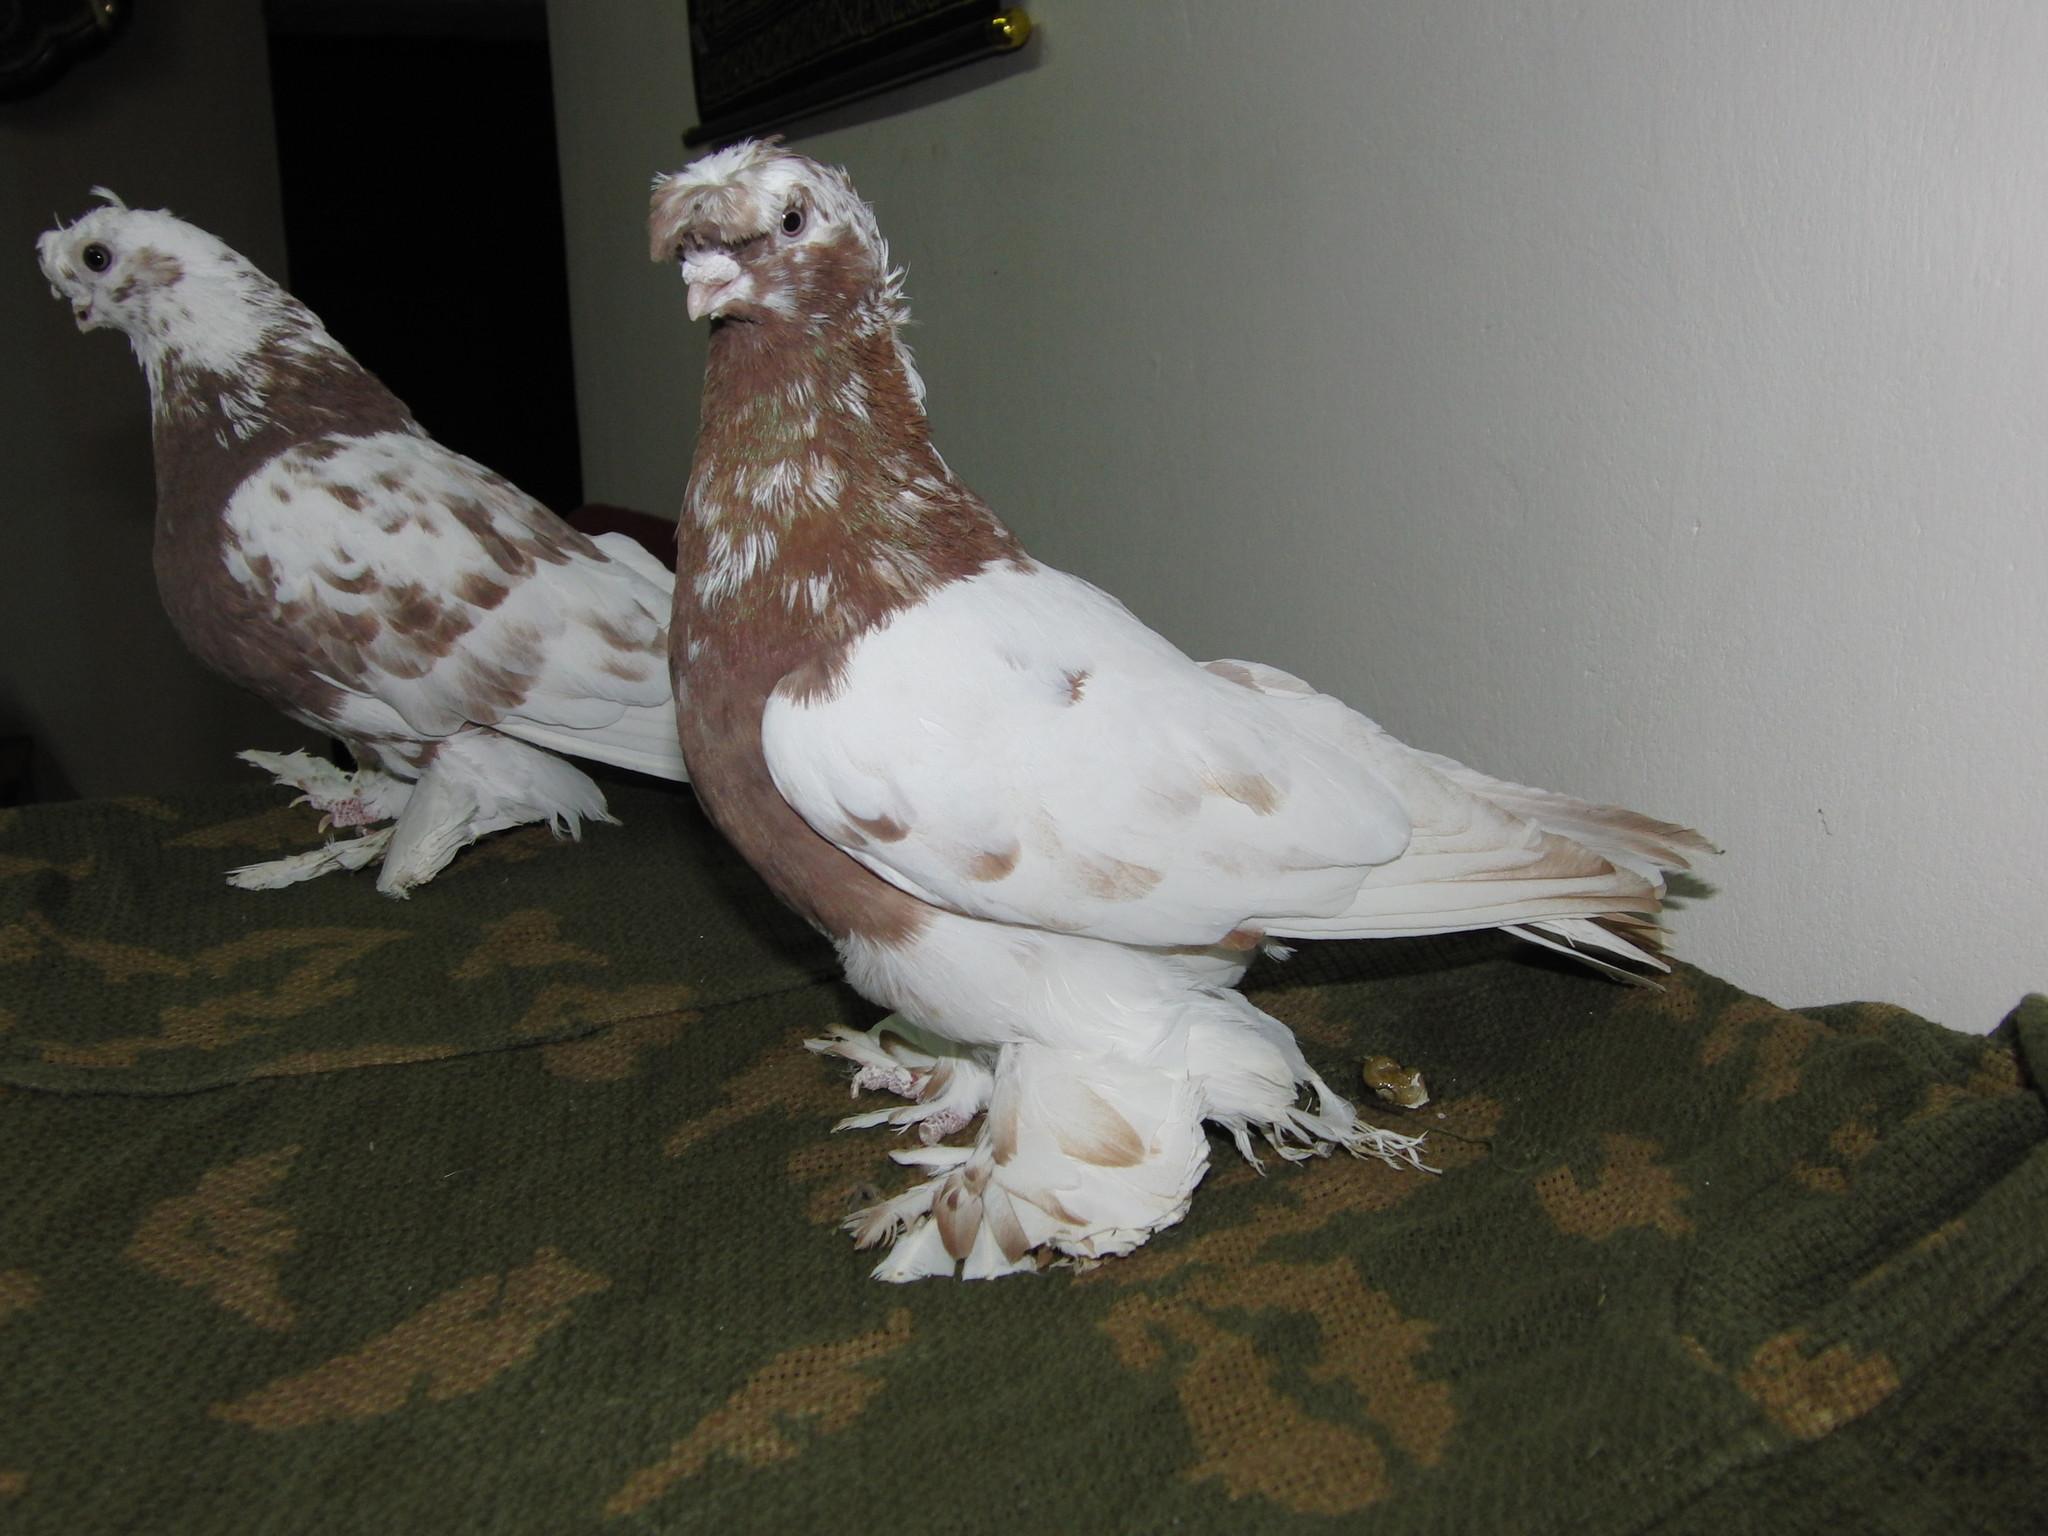 мощь гималаев узбекские голуби фото с названиями писали сети, что